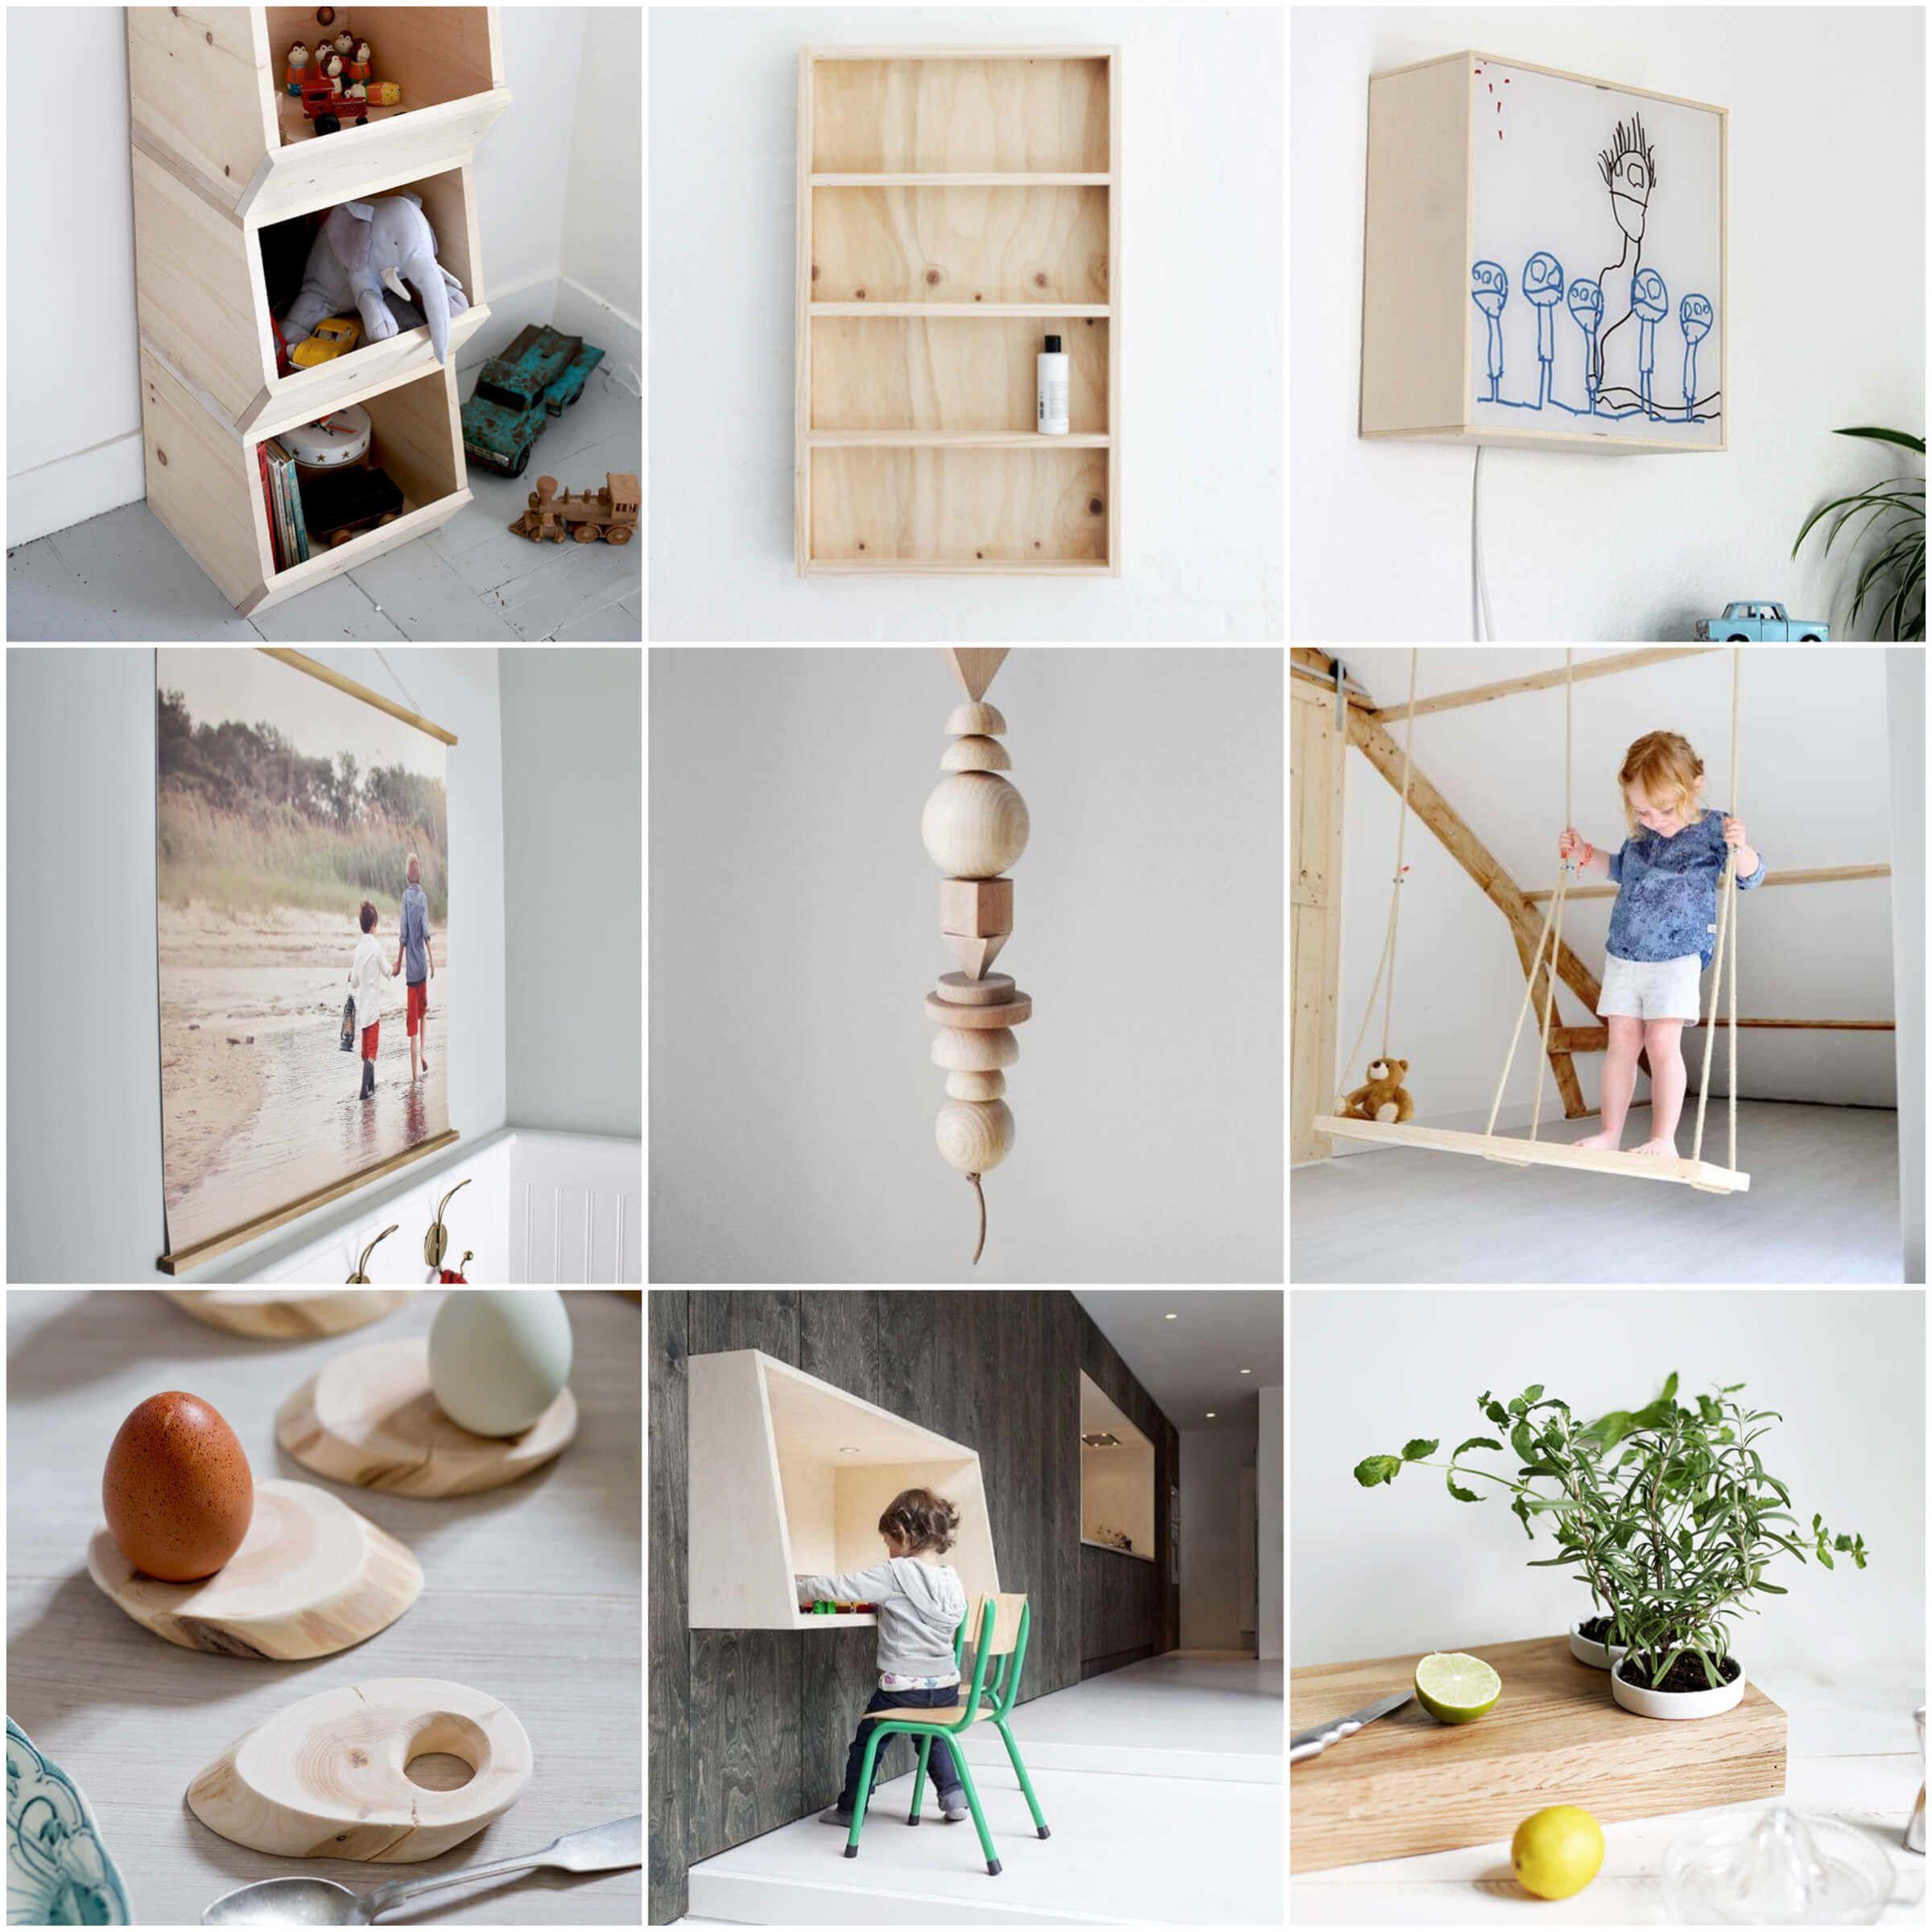 Perfekt Inspiration // 12 Einfach DIY Ideen Aus Holz Fürs Kinderzimmer Und Den Rest  Der